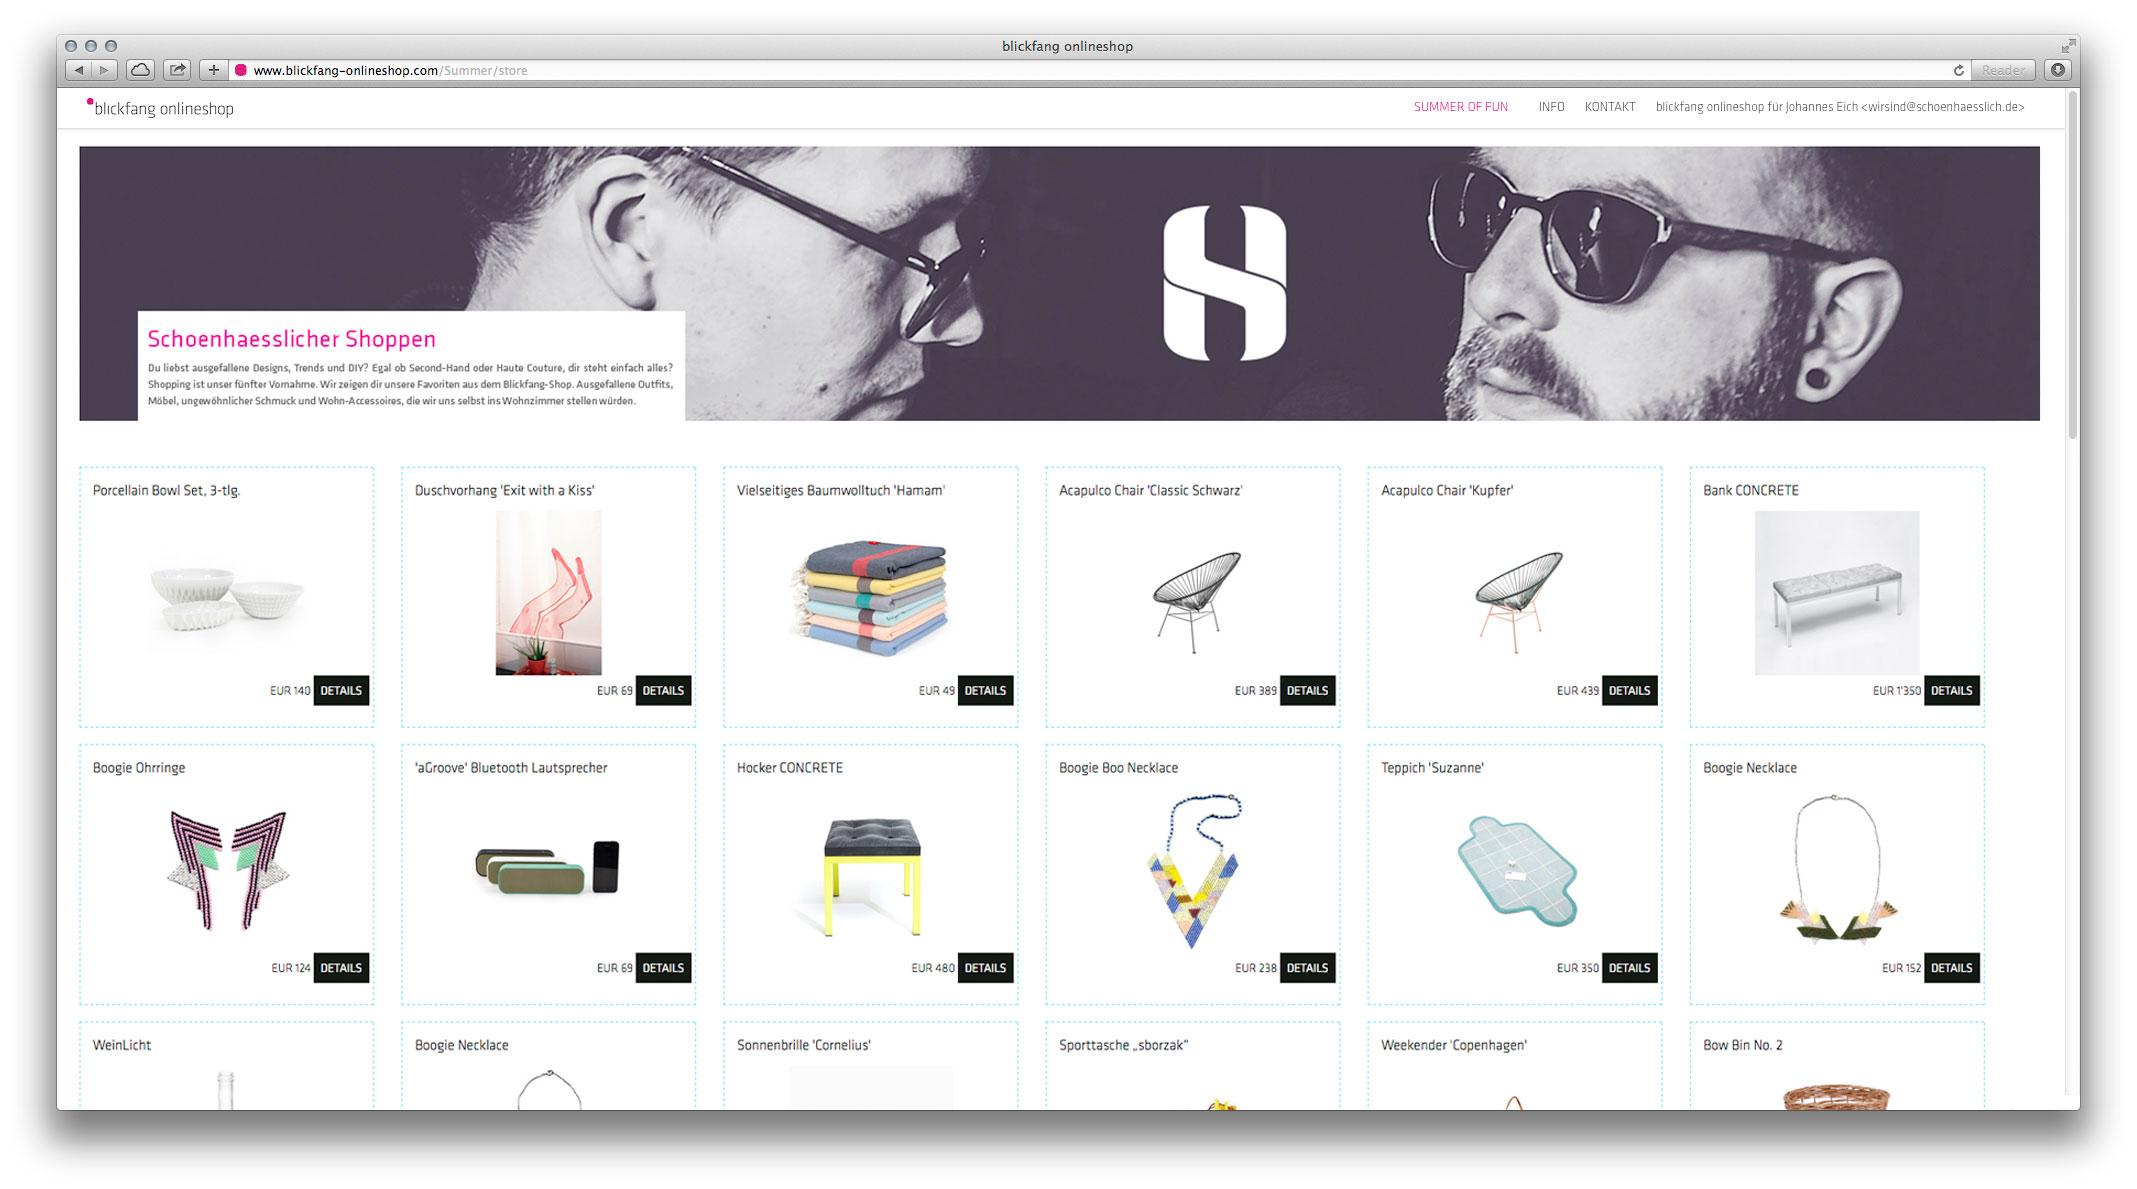 Blickfang Onlineshop Schoenhaesslich